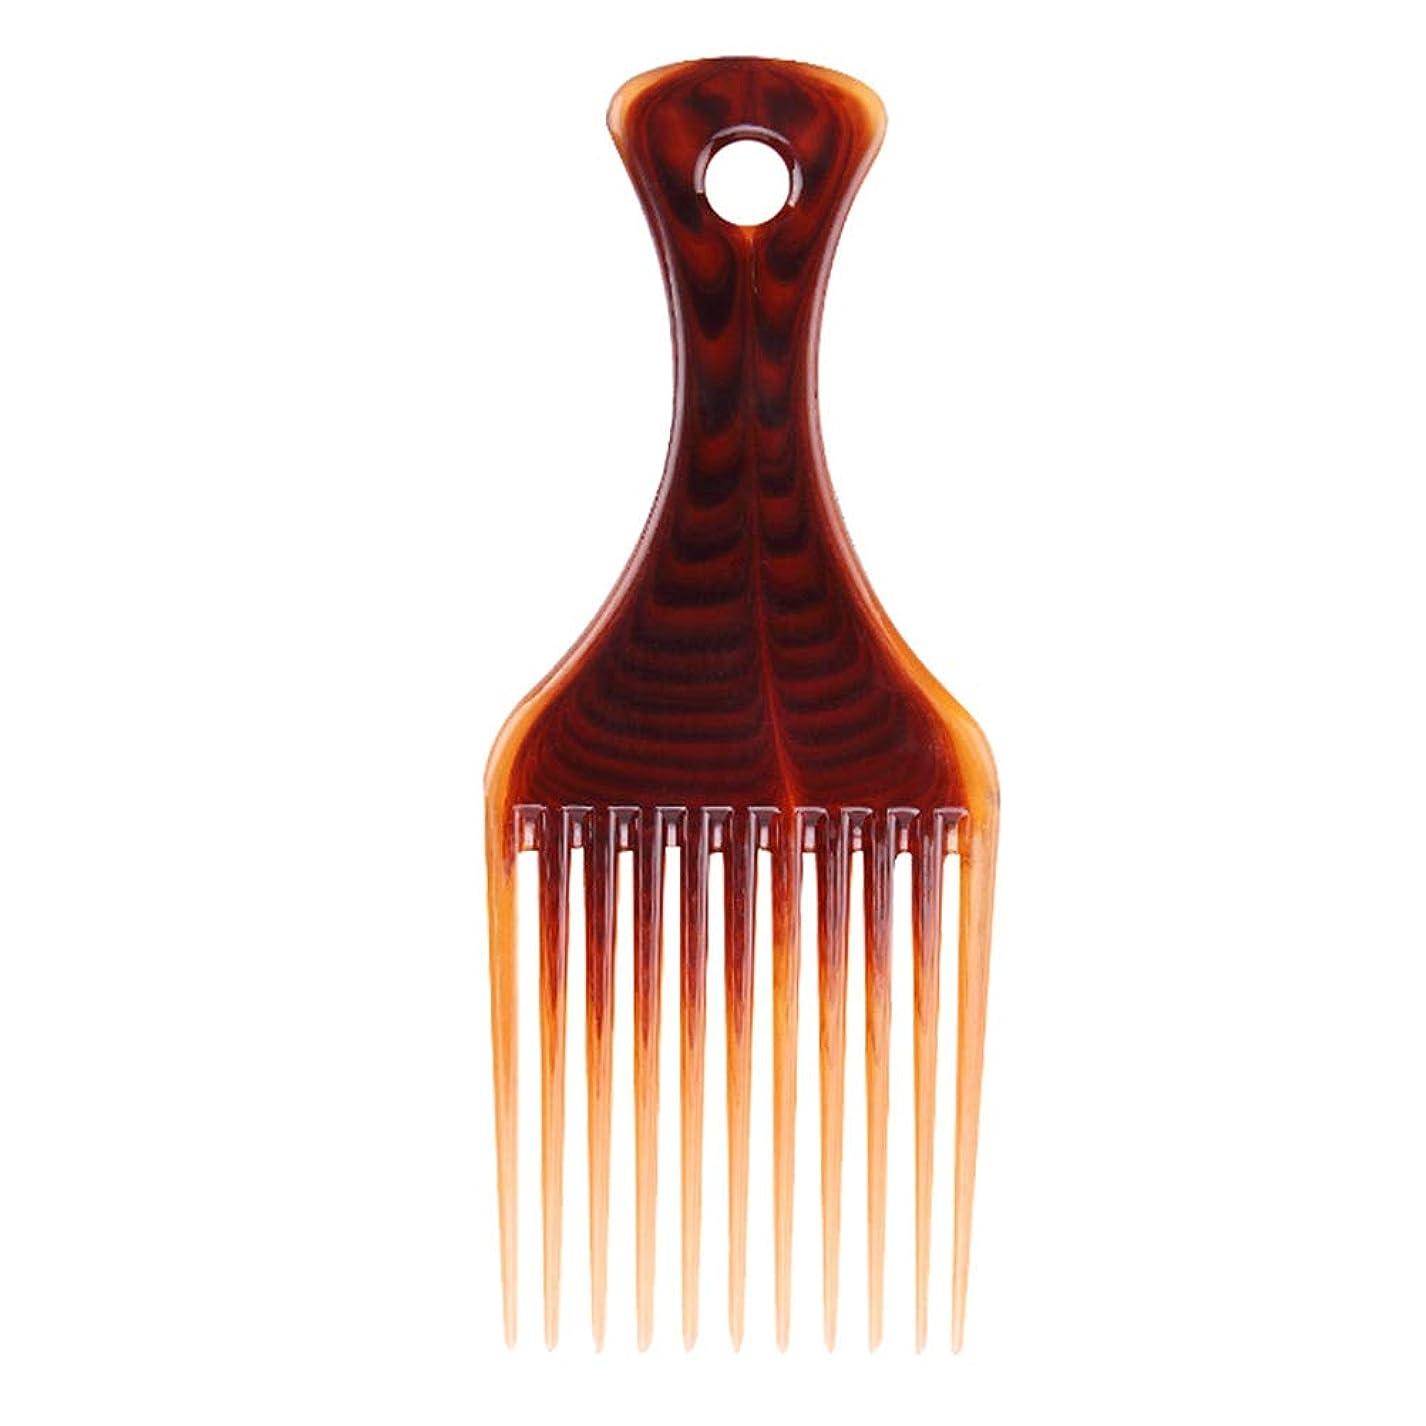 困難真向こう便利さSUPVOX プラスチックワイドトゥースコームサロン理容ブラシヘアスタイリング理髪フォークピッキング櫛(コーヒー)